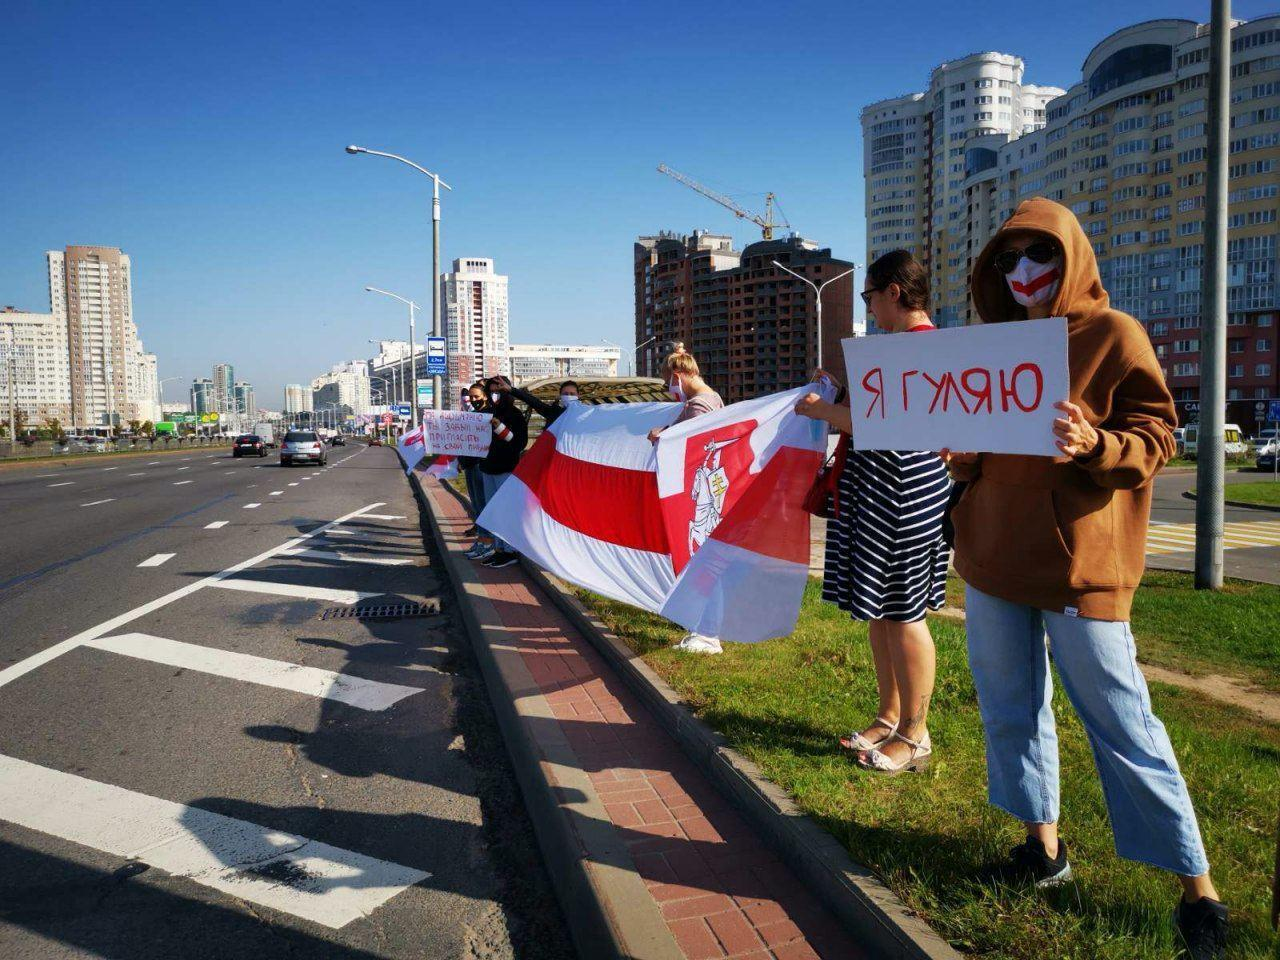 Из-за тайной инаугурации на улицы Минска вышли протестующие.